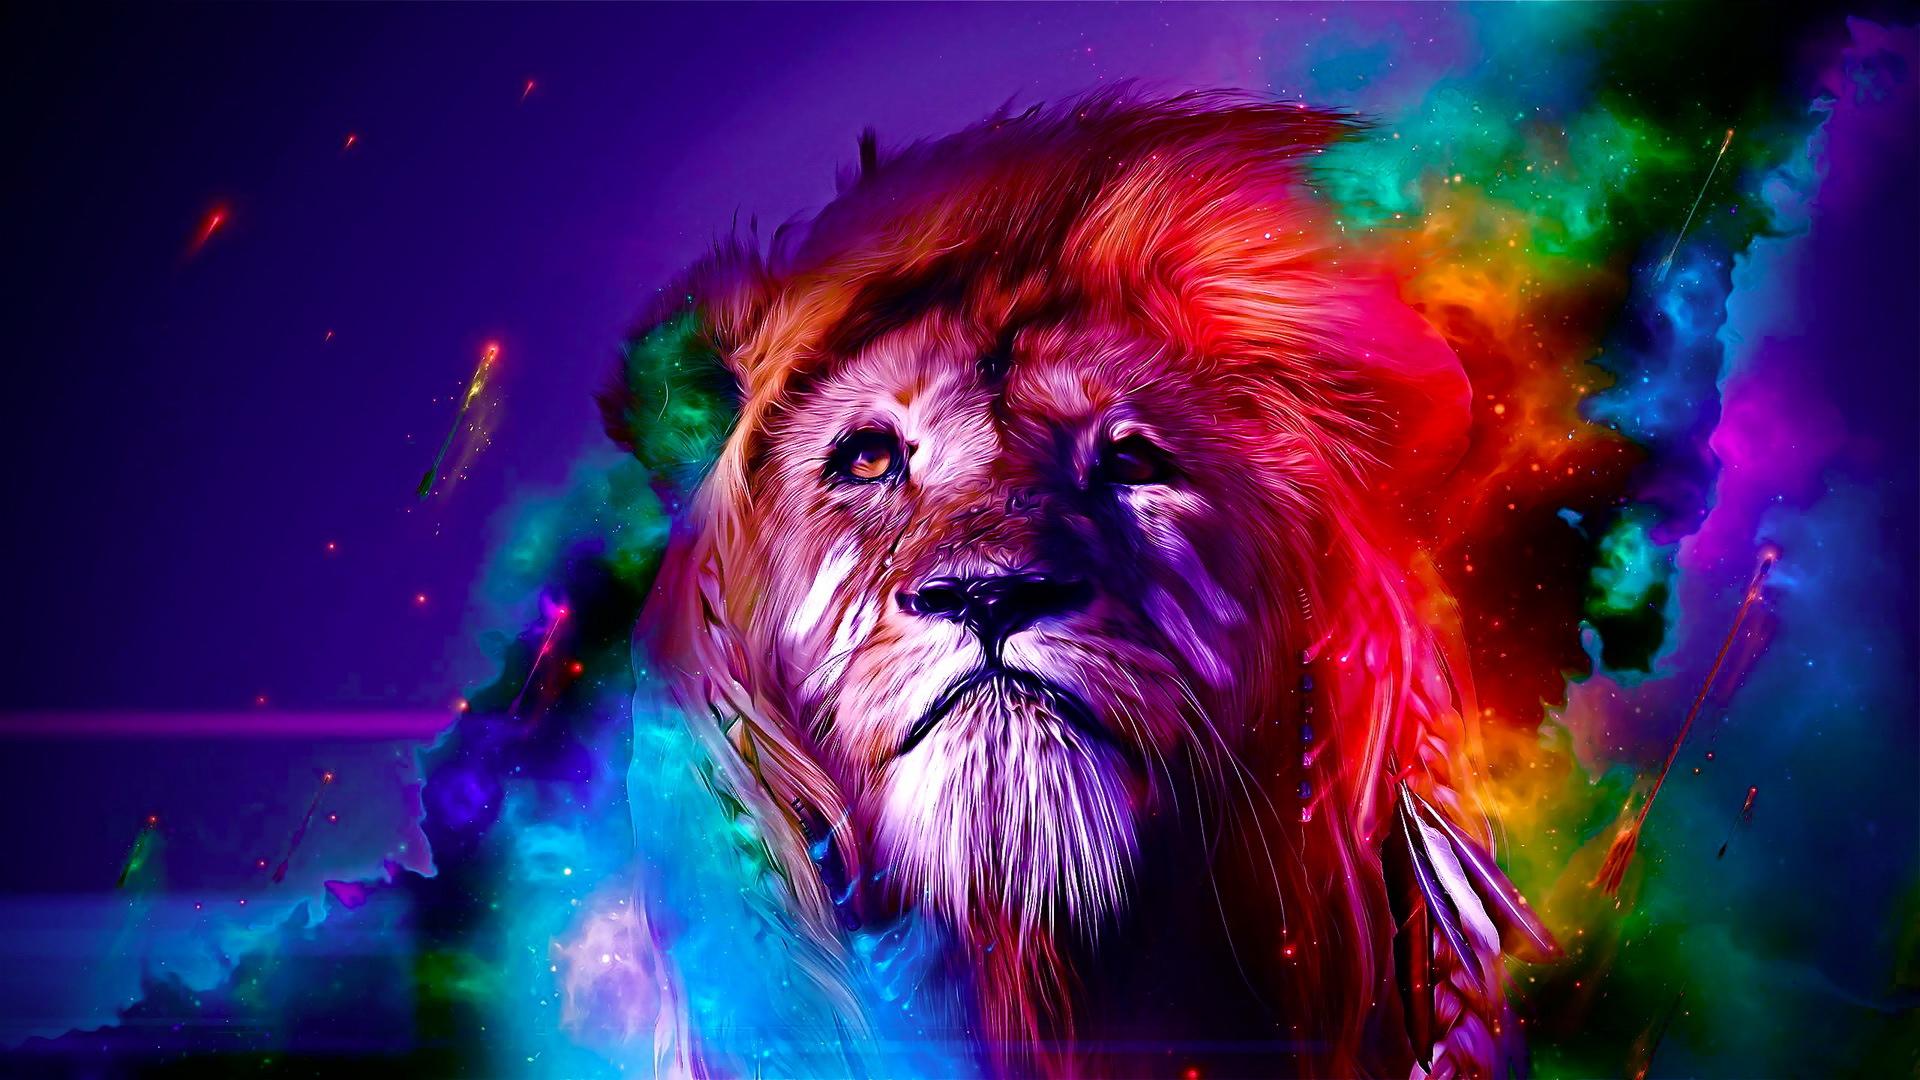 colorful lion wallpaper wallpapersafari